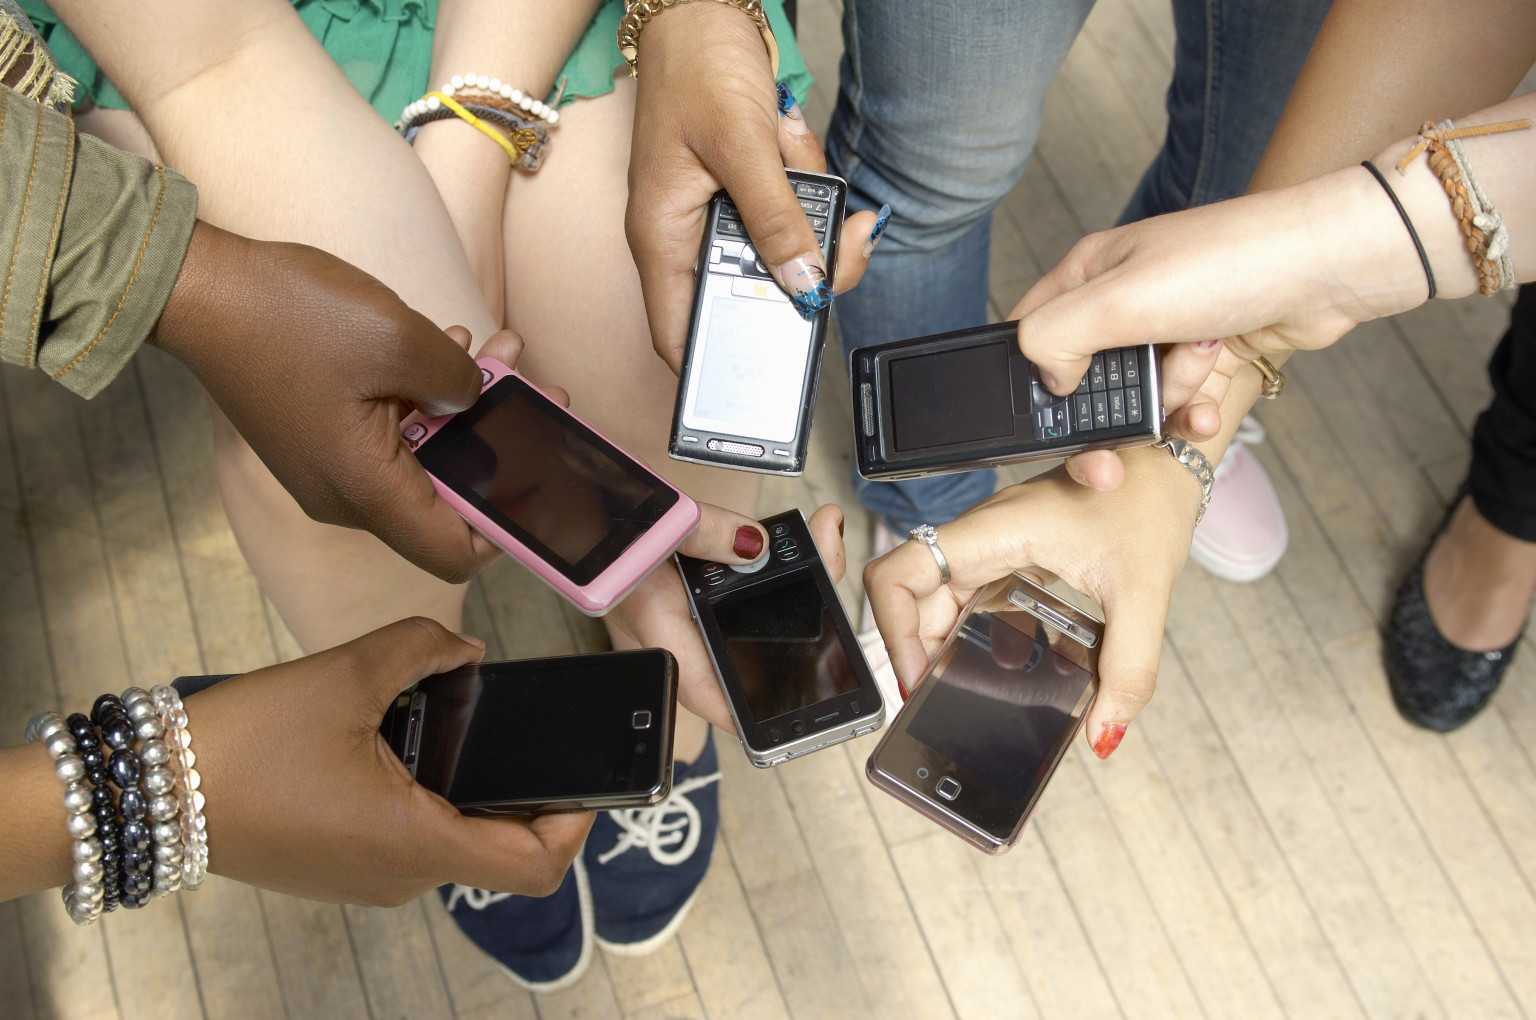 Секс на кавказе на мобильник 9 фотография